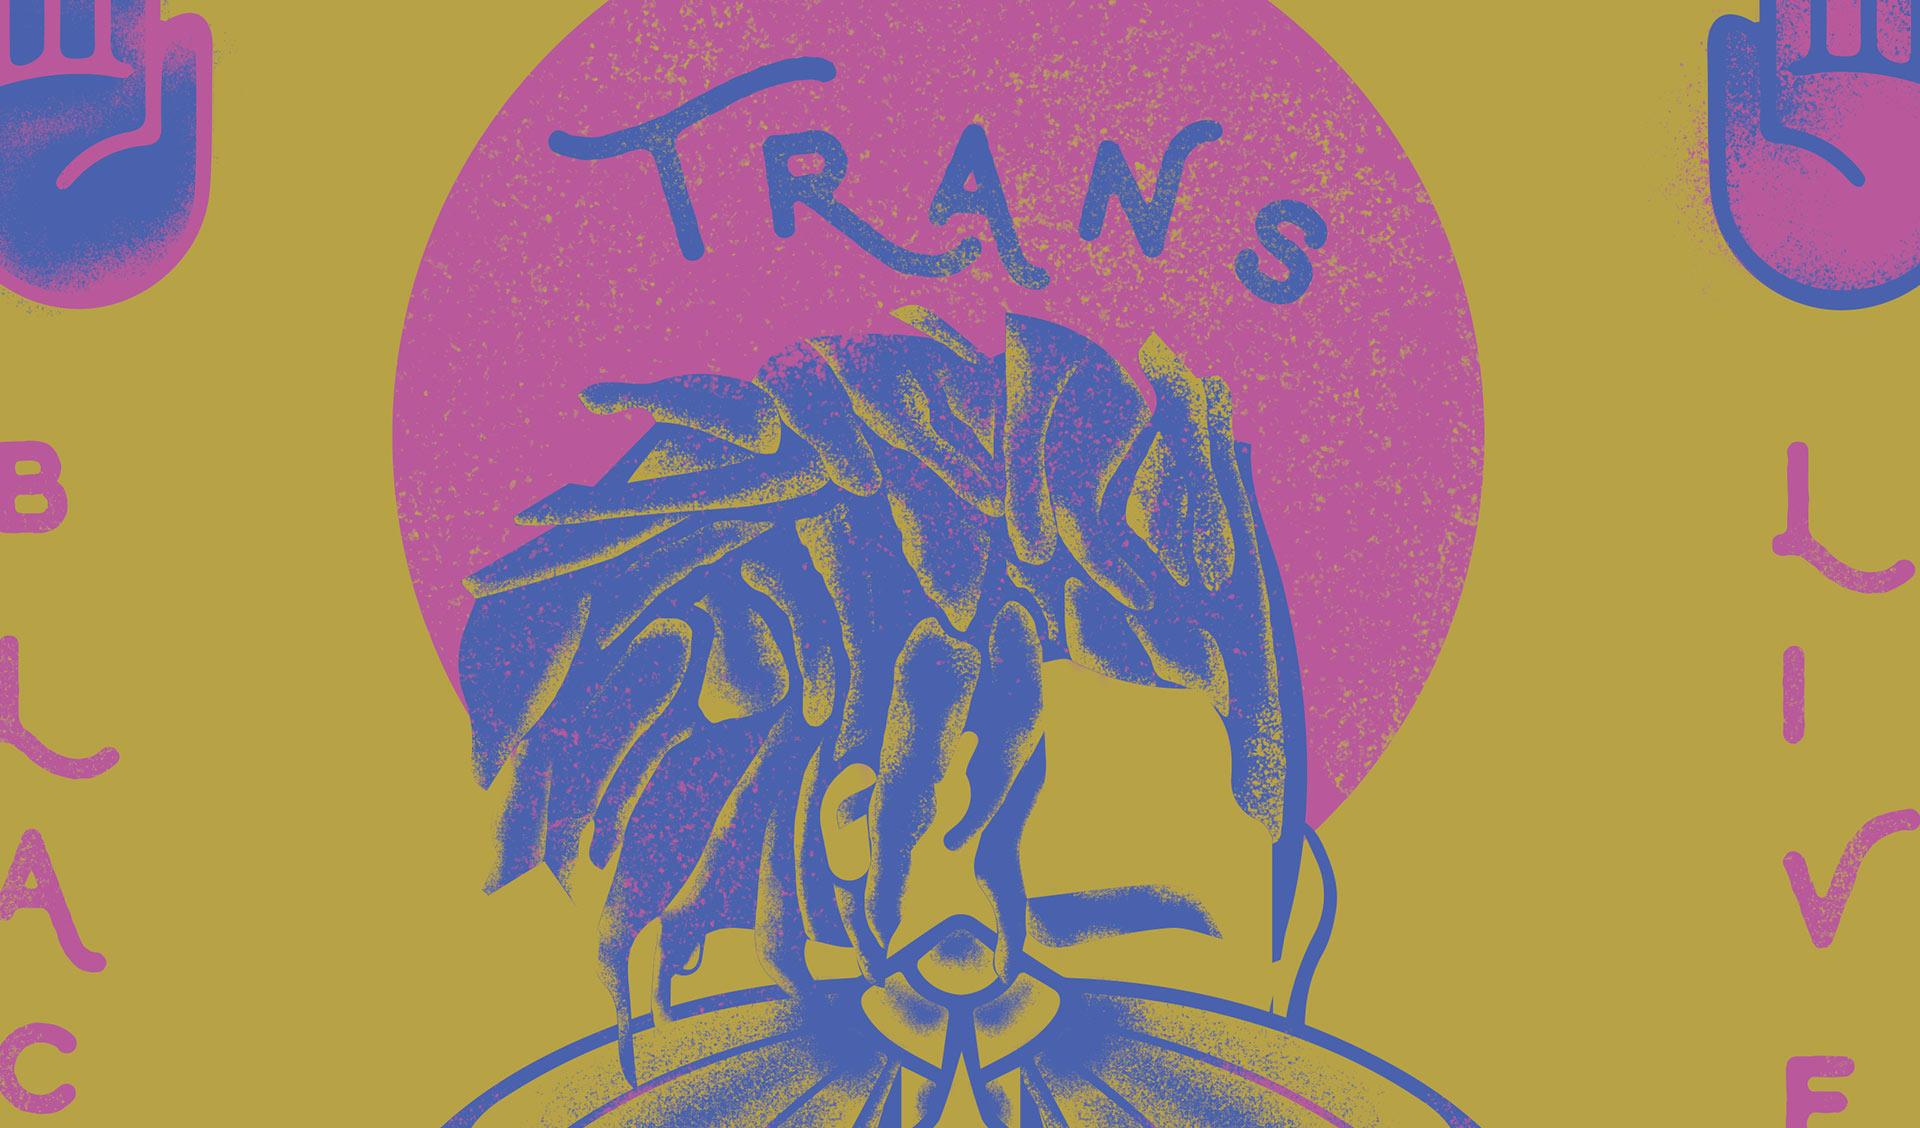 Black trans lives matter details.